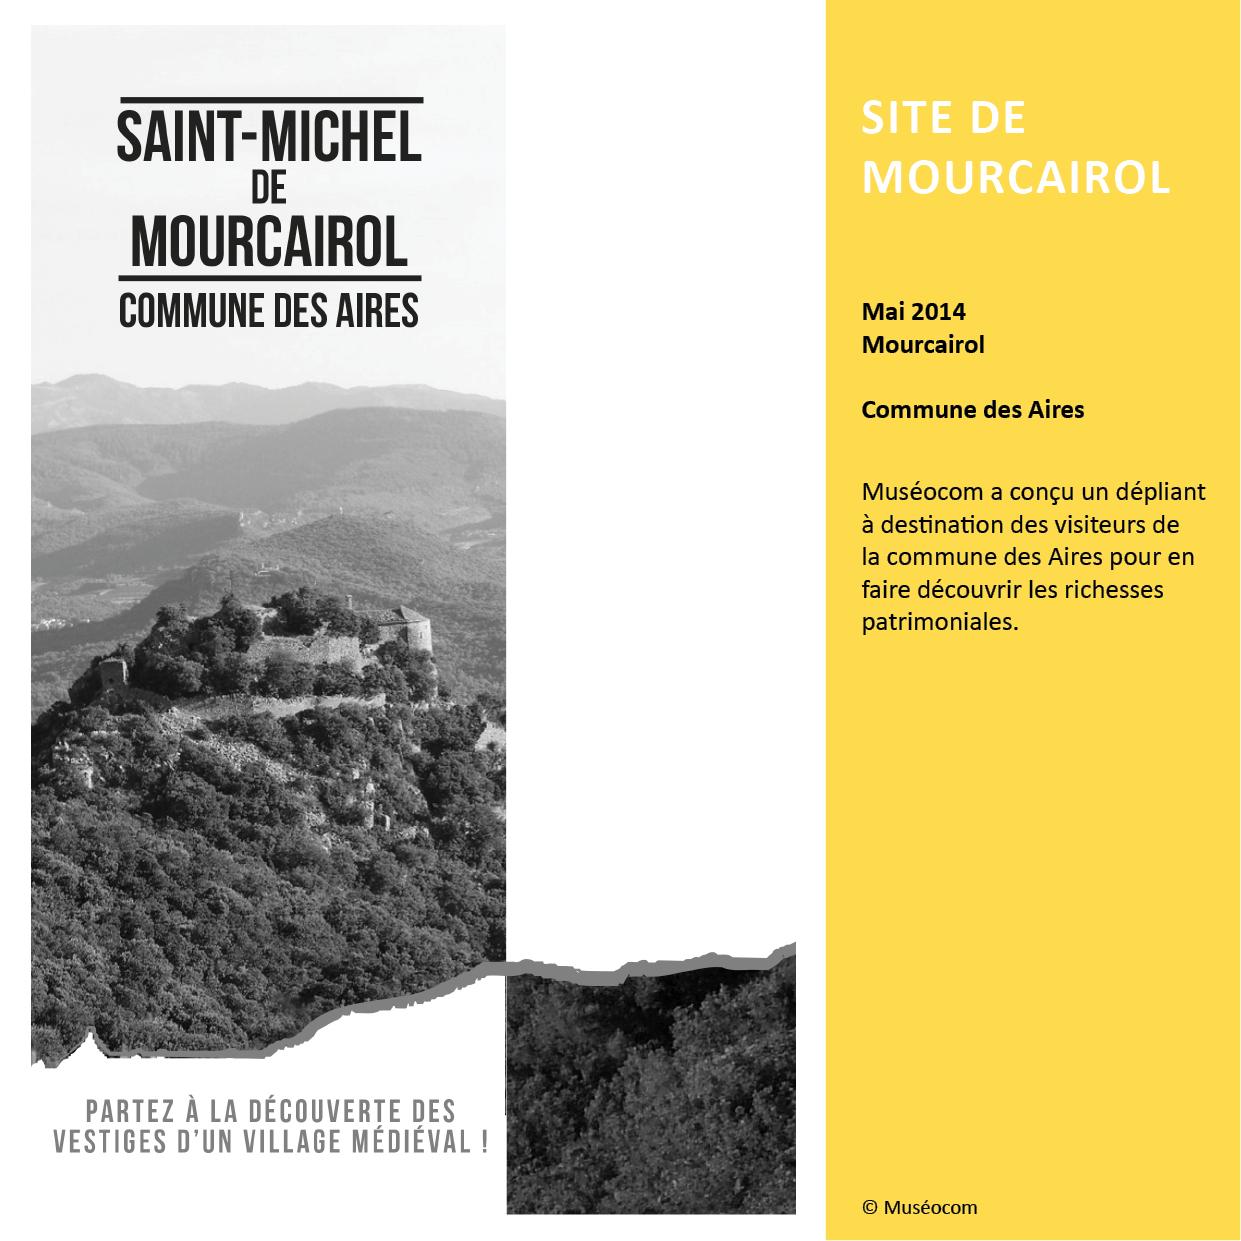 SITE DE MOURCAIROL ÉTUDE TOURISTIQUE